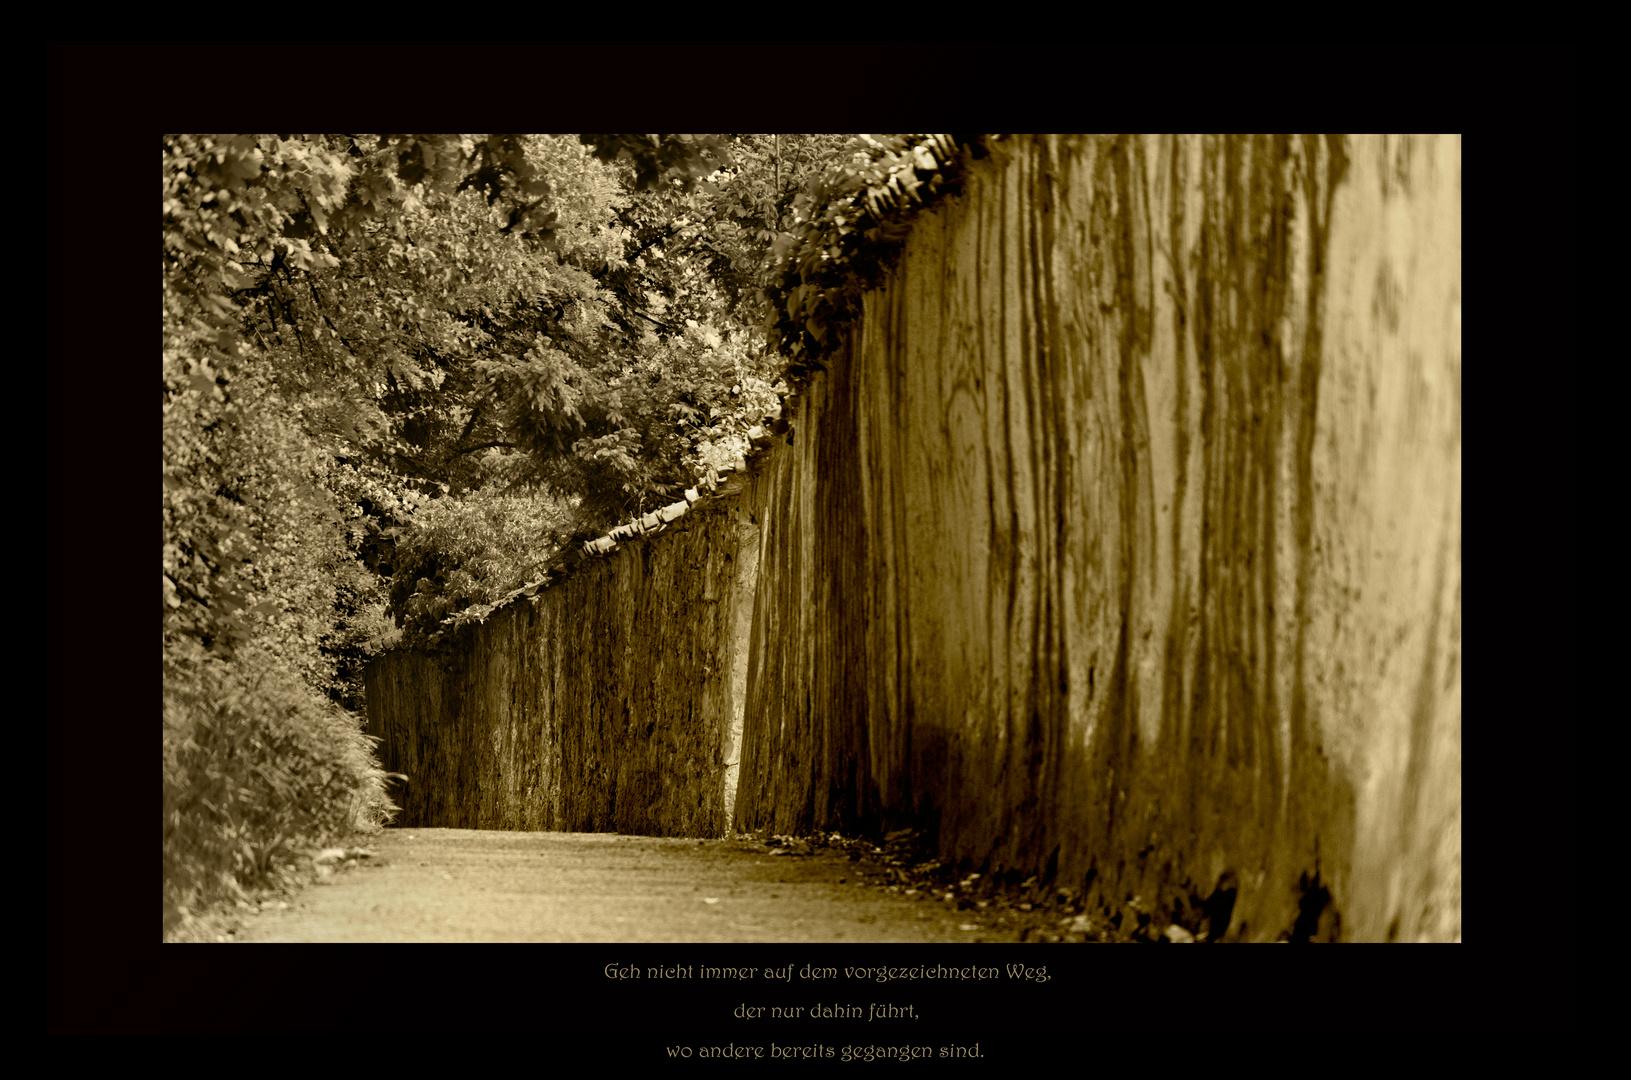 Geh nicht immer auf dem vorgezeichneten Weg, der nur dahin führt, wo andere bereits gegangen sind.